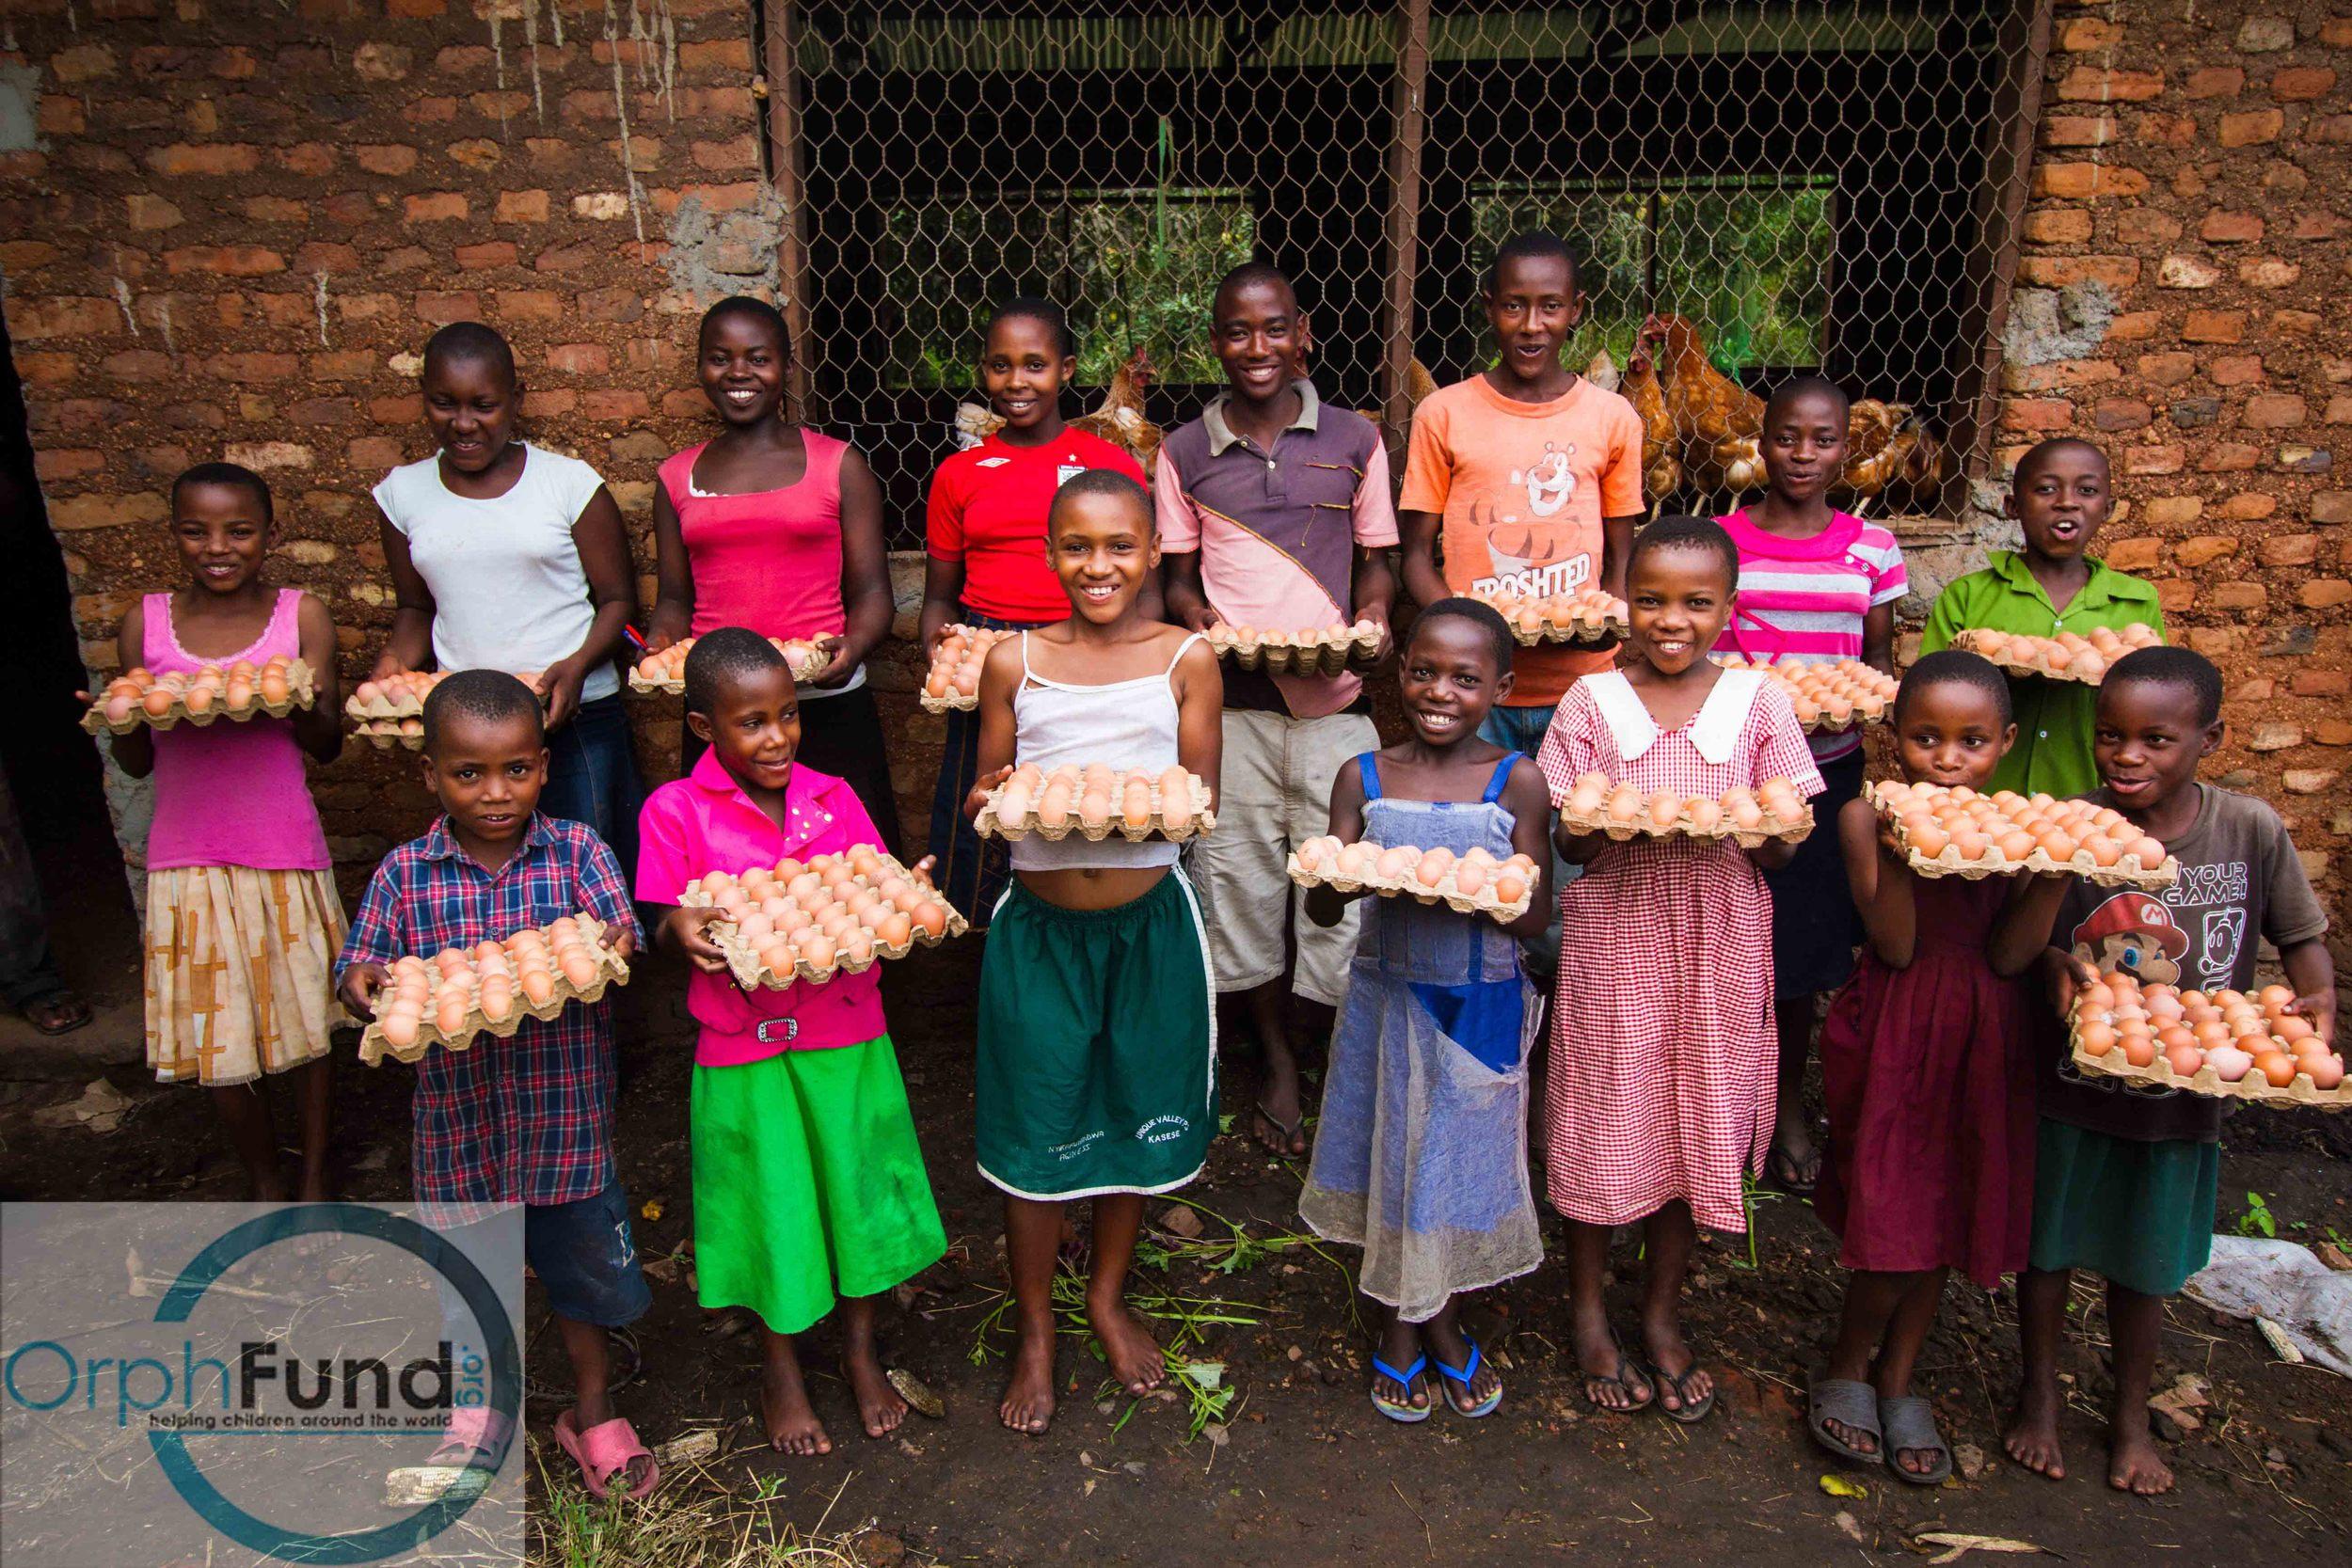 Copy of Uganda 2-41 copy.jpg